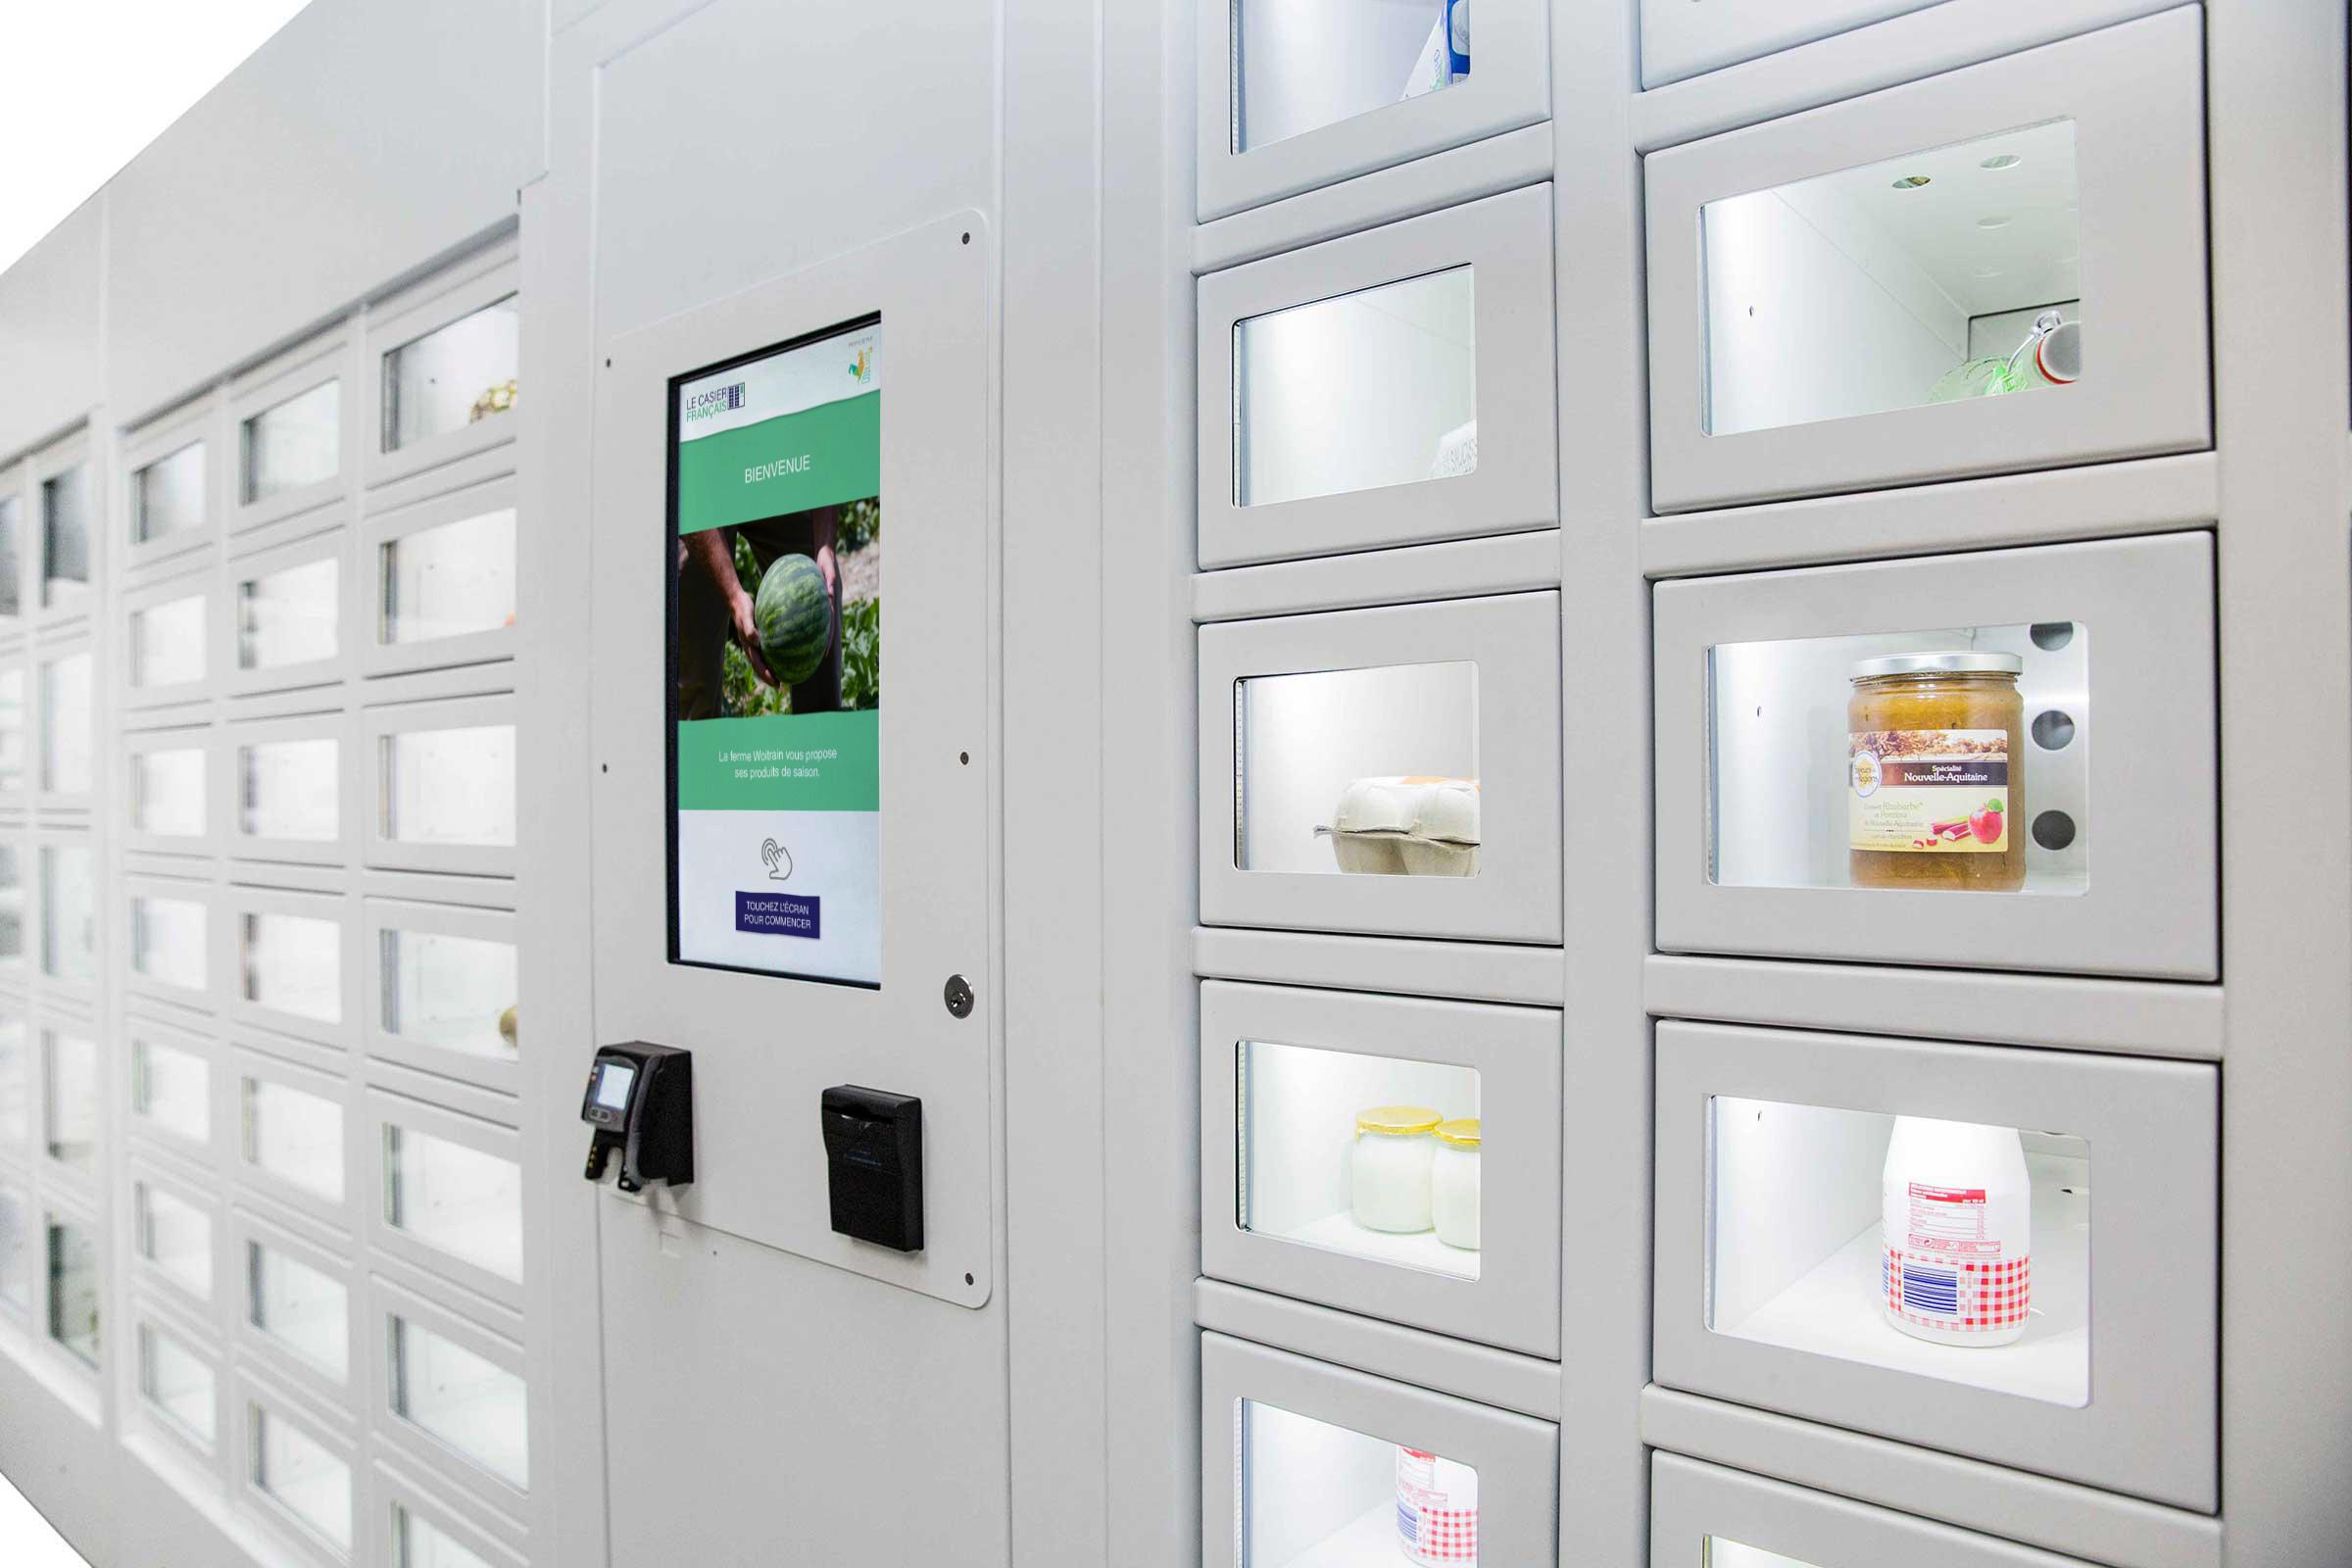 Dairy products in a Le Casier Français vending machine